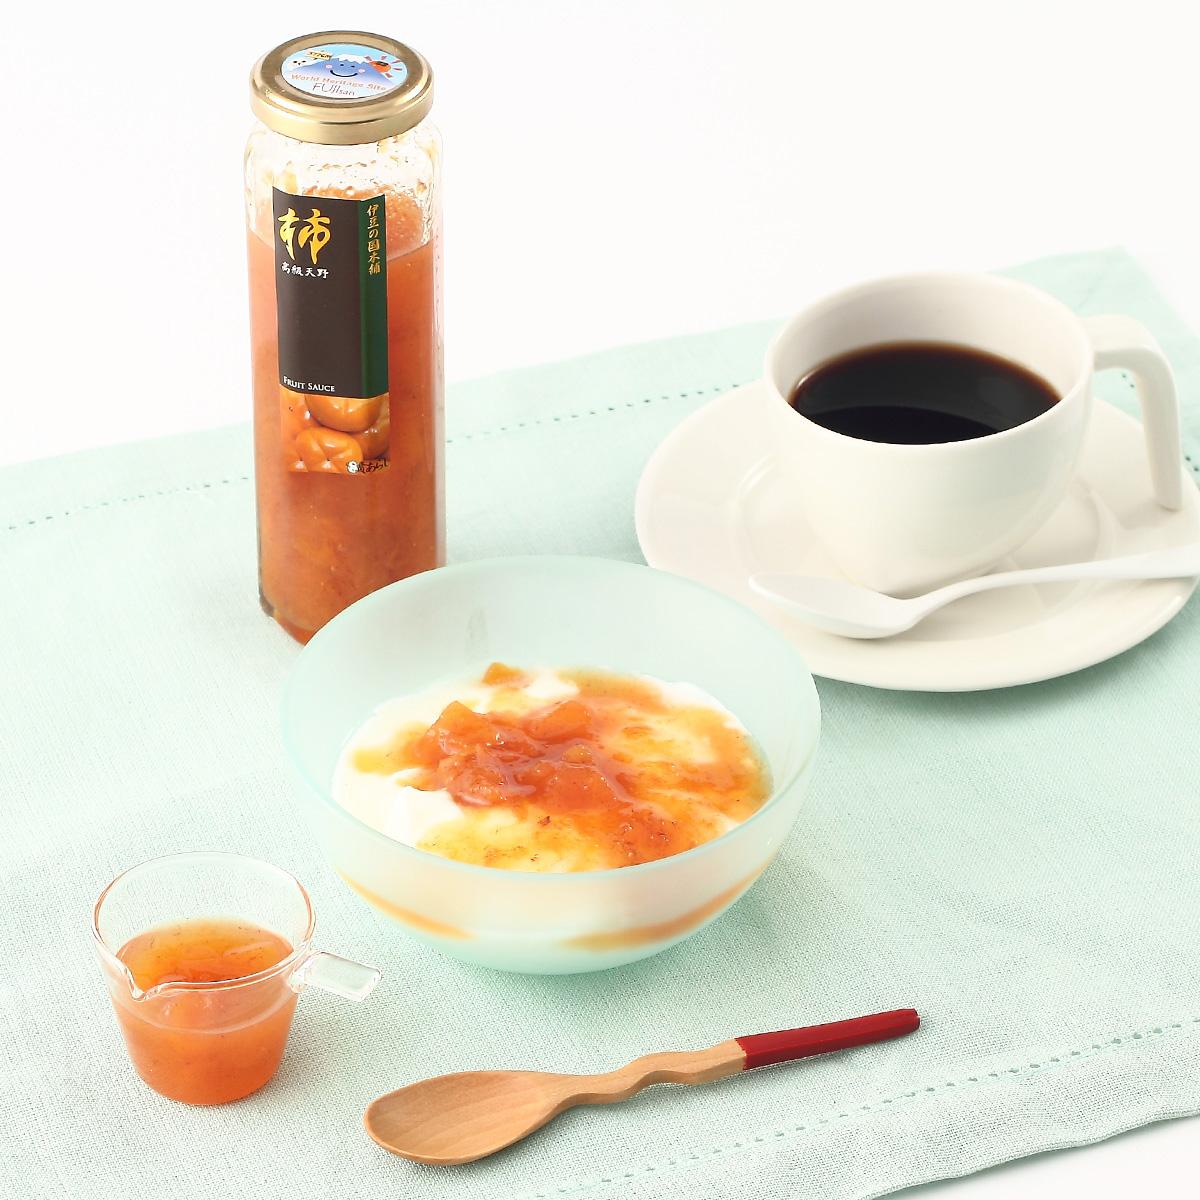 トッピングを贅沢に お料理の隠味にも〈 天野柿フルーツソース 〉   株式会社LAPIS-LAZULI・静岡県